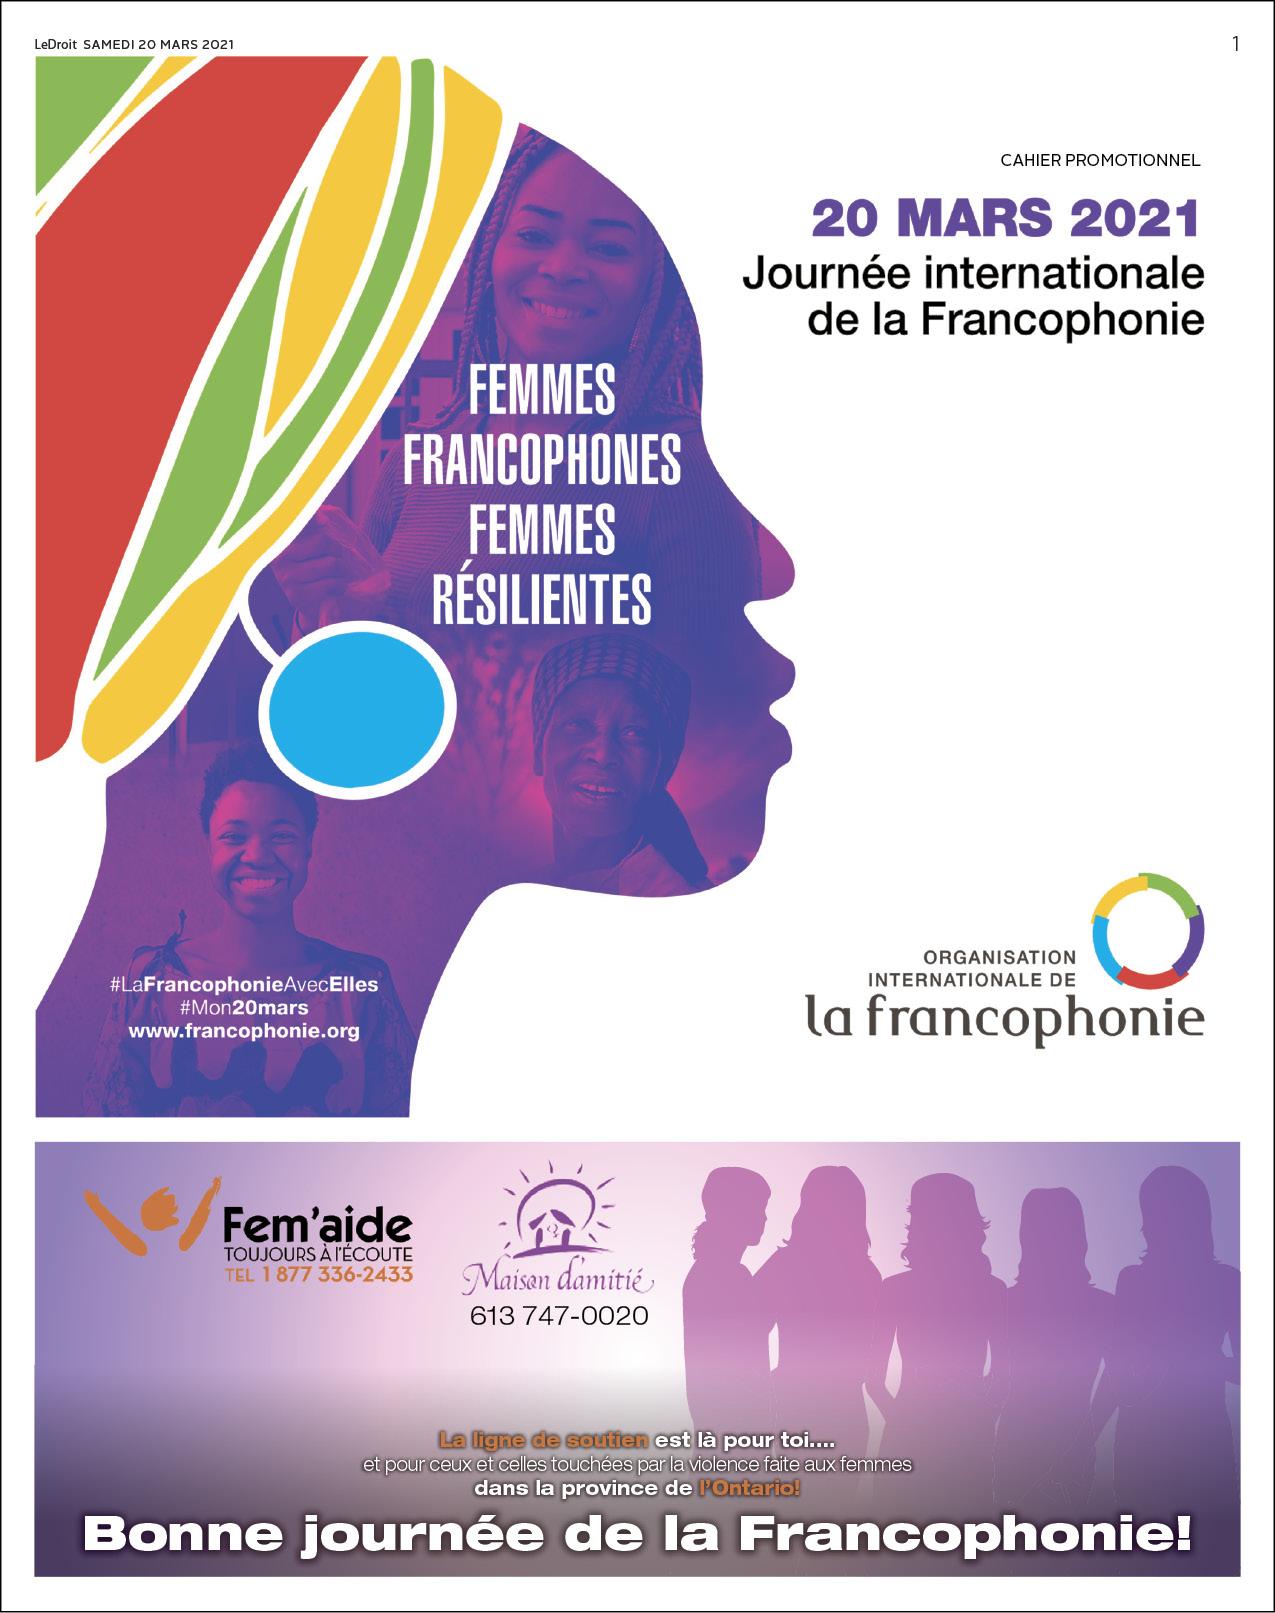 Cover jifrancophonie-2021.jpg